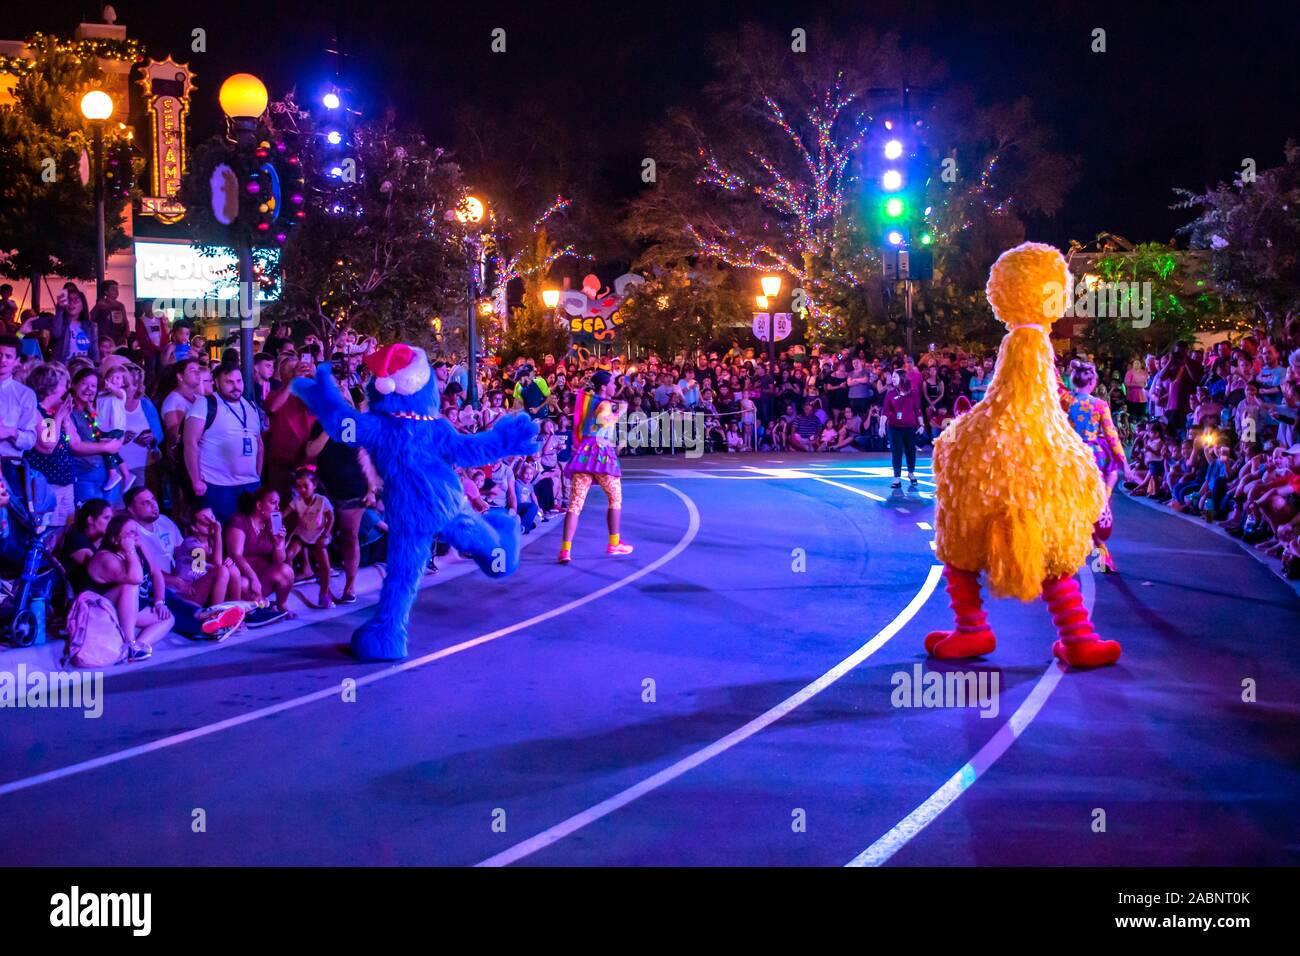 Grover Christmas Parade 2020 Orlando, Florida . November 23, 2019. Grover and Big Bird Sesame